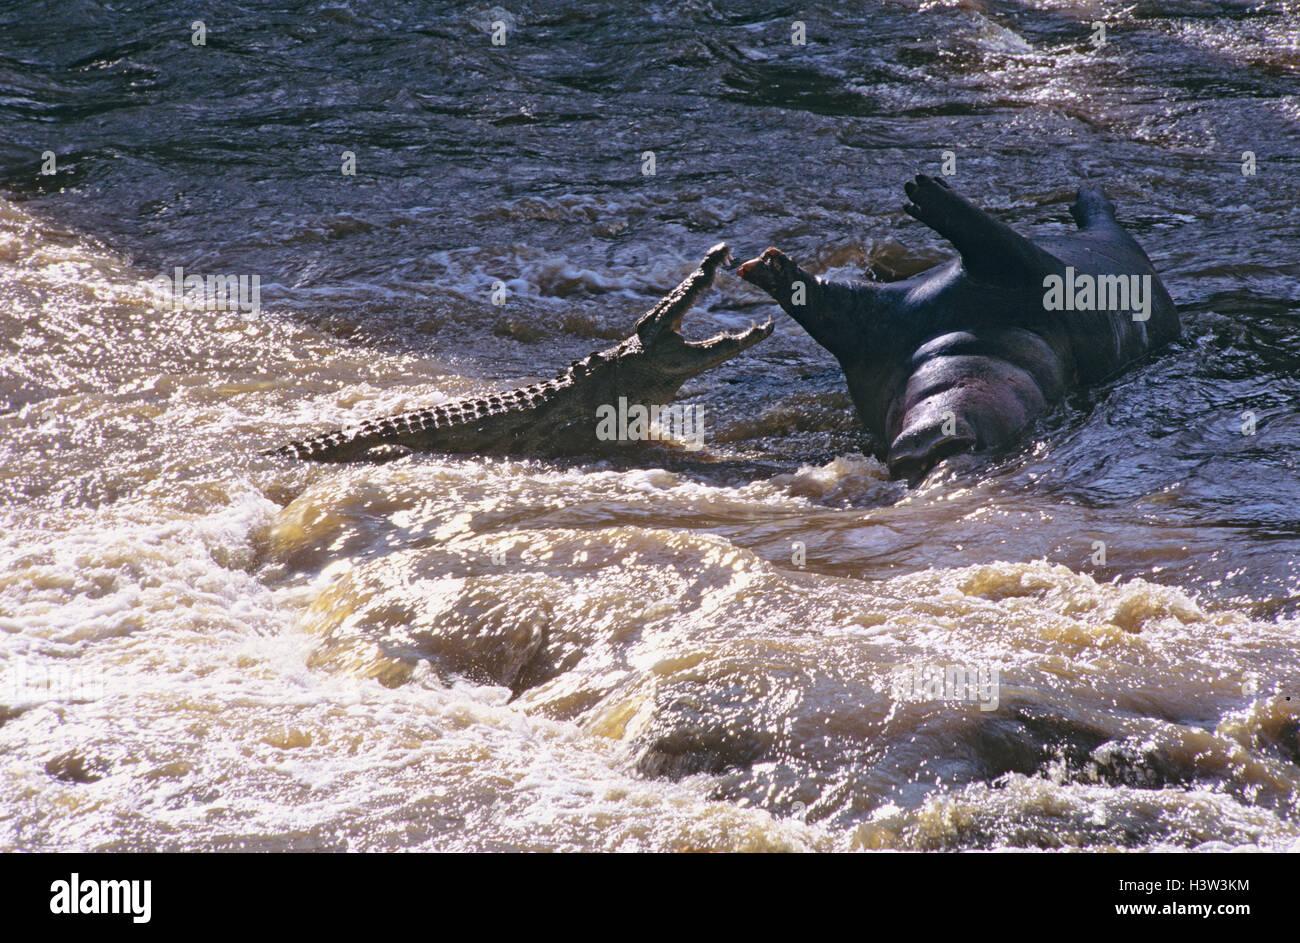 Le crocodile du Nil (Crocodylus niloticus) Banque D'Images